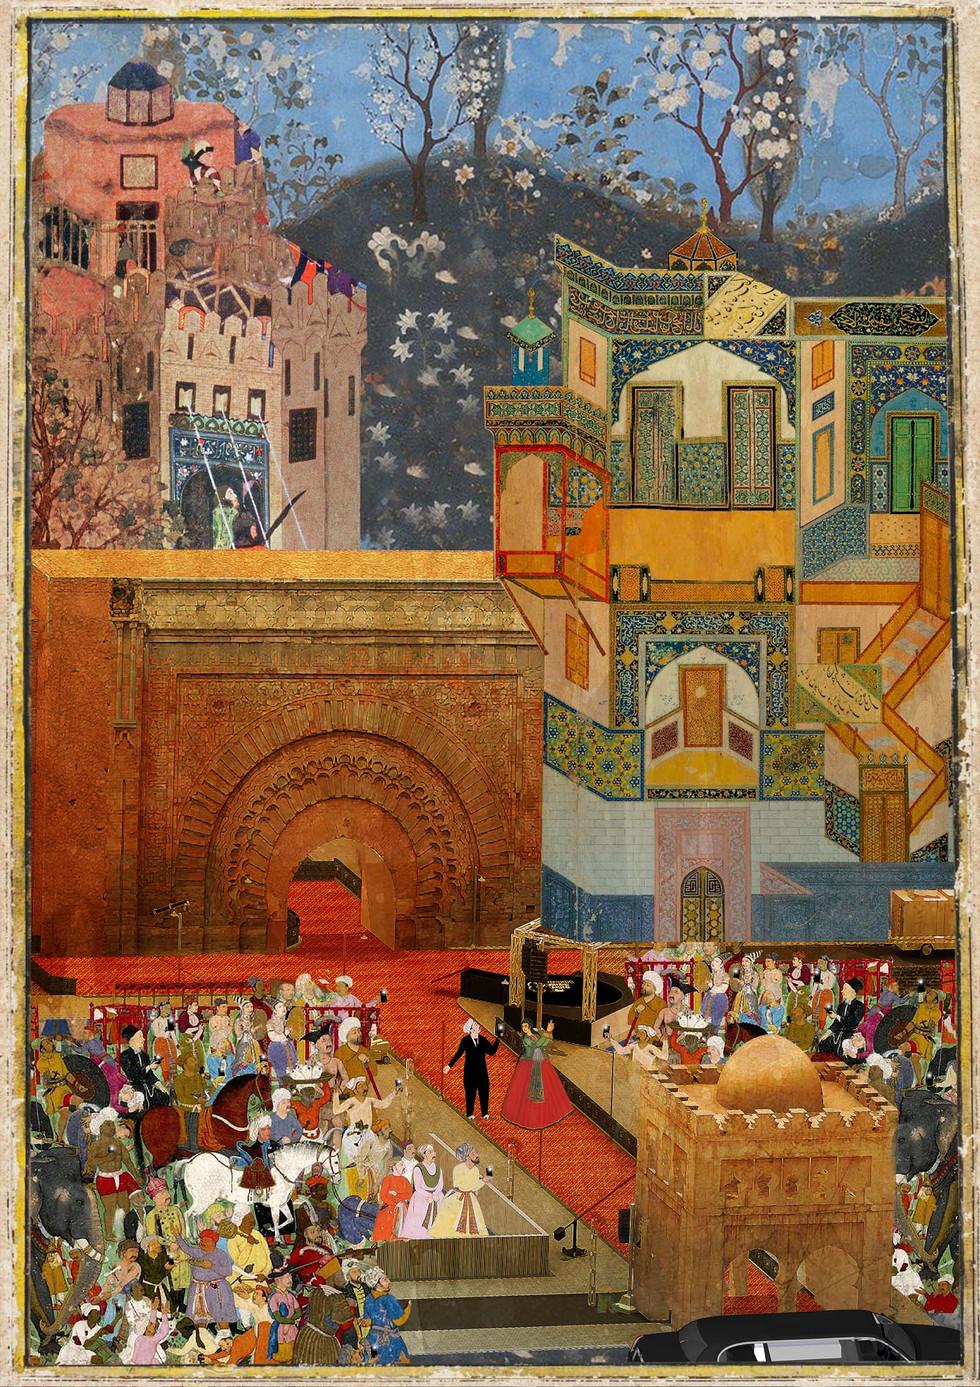 Marrakech Film Festival. Ranchod, K. Unit 12. 1019